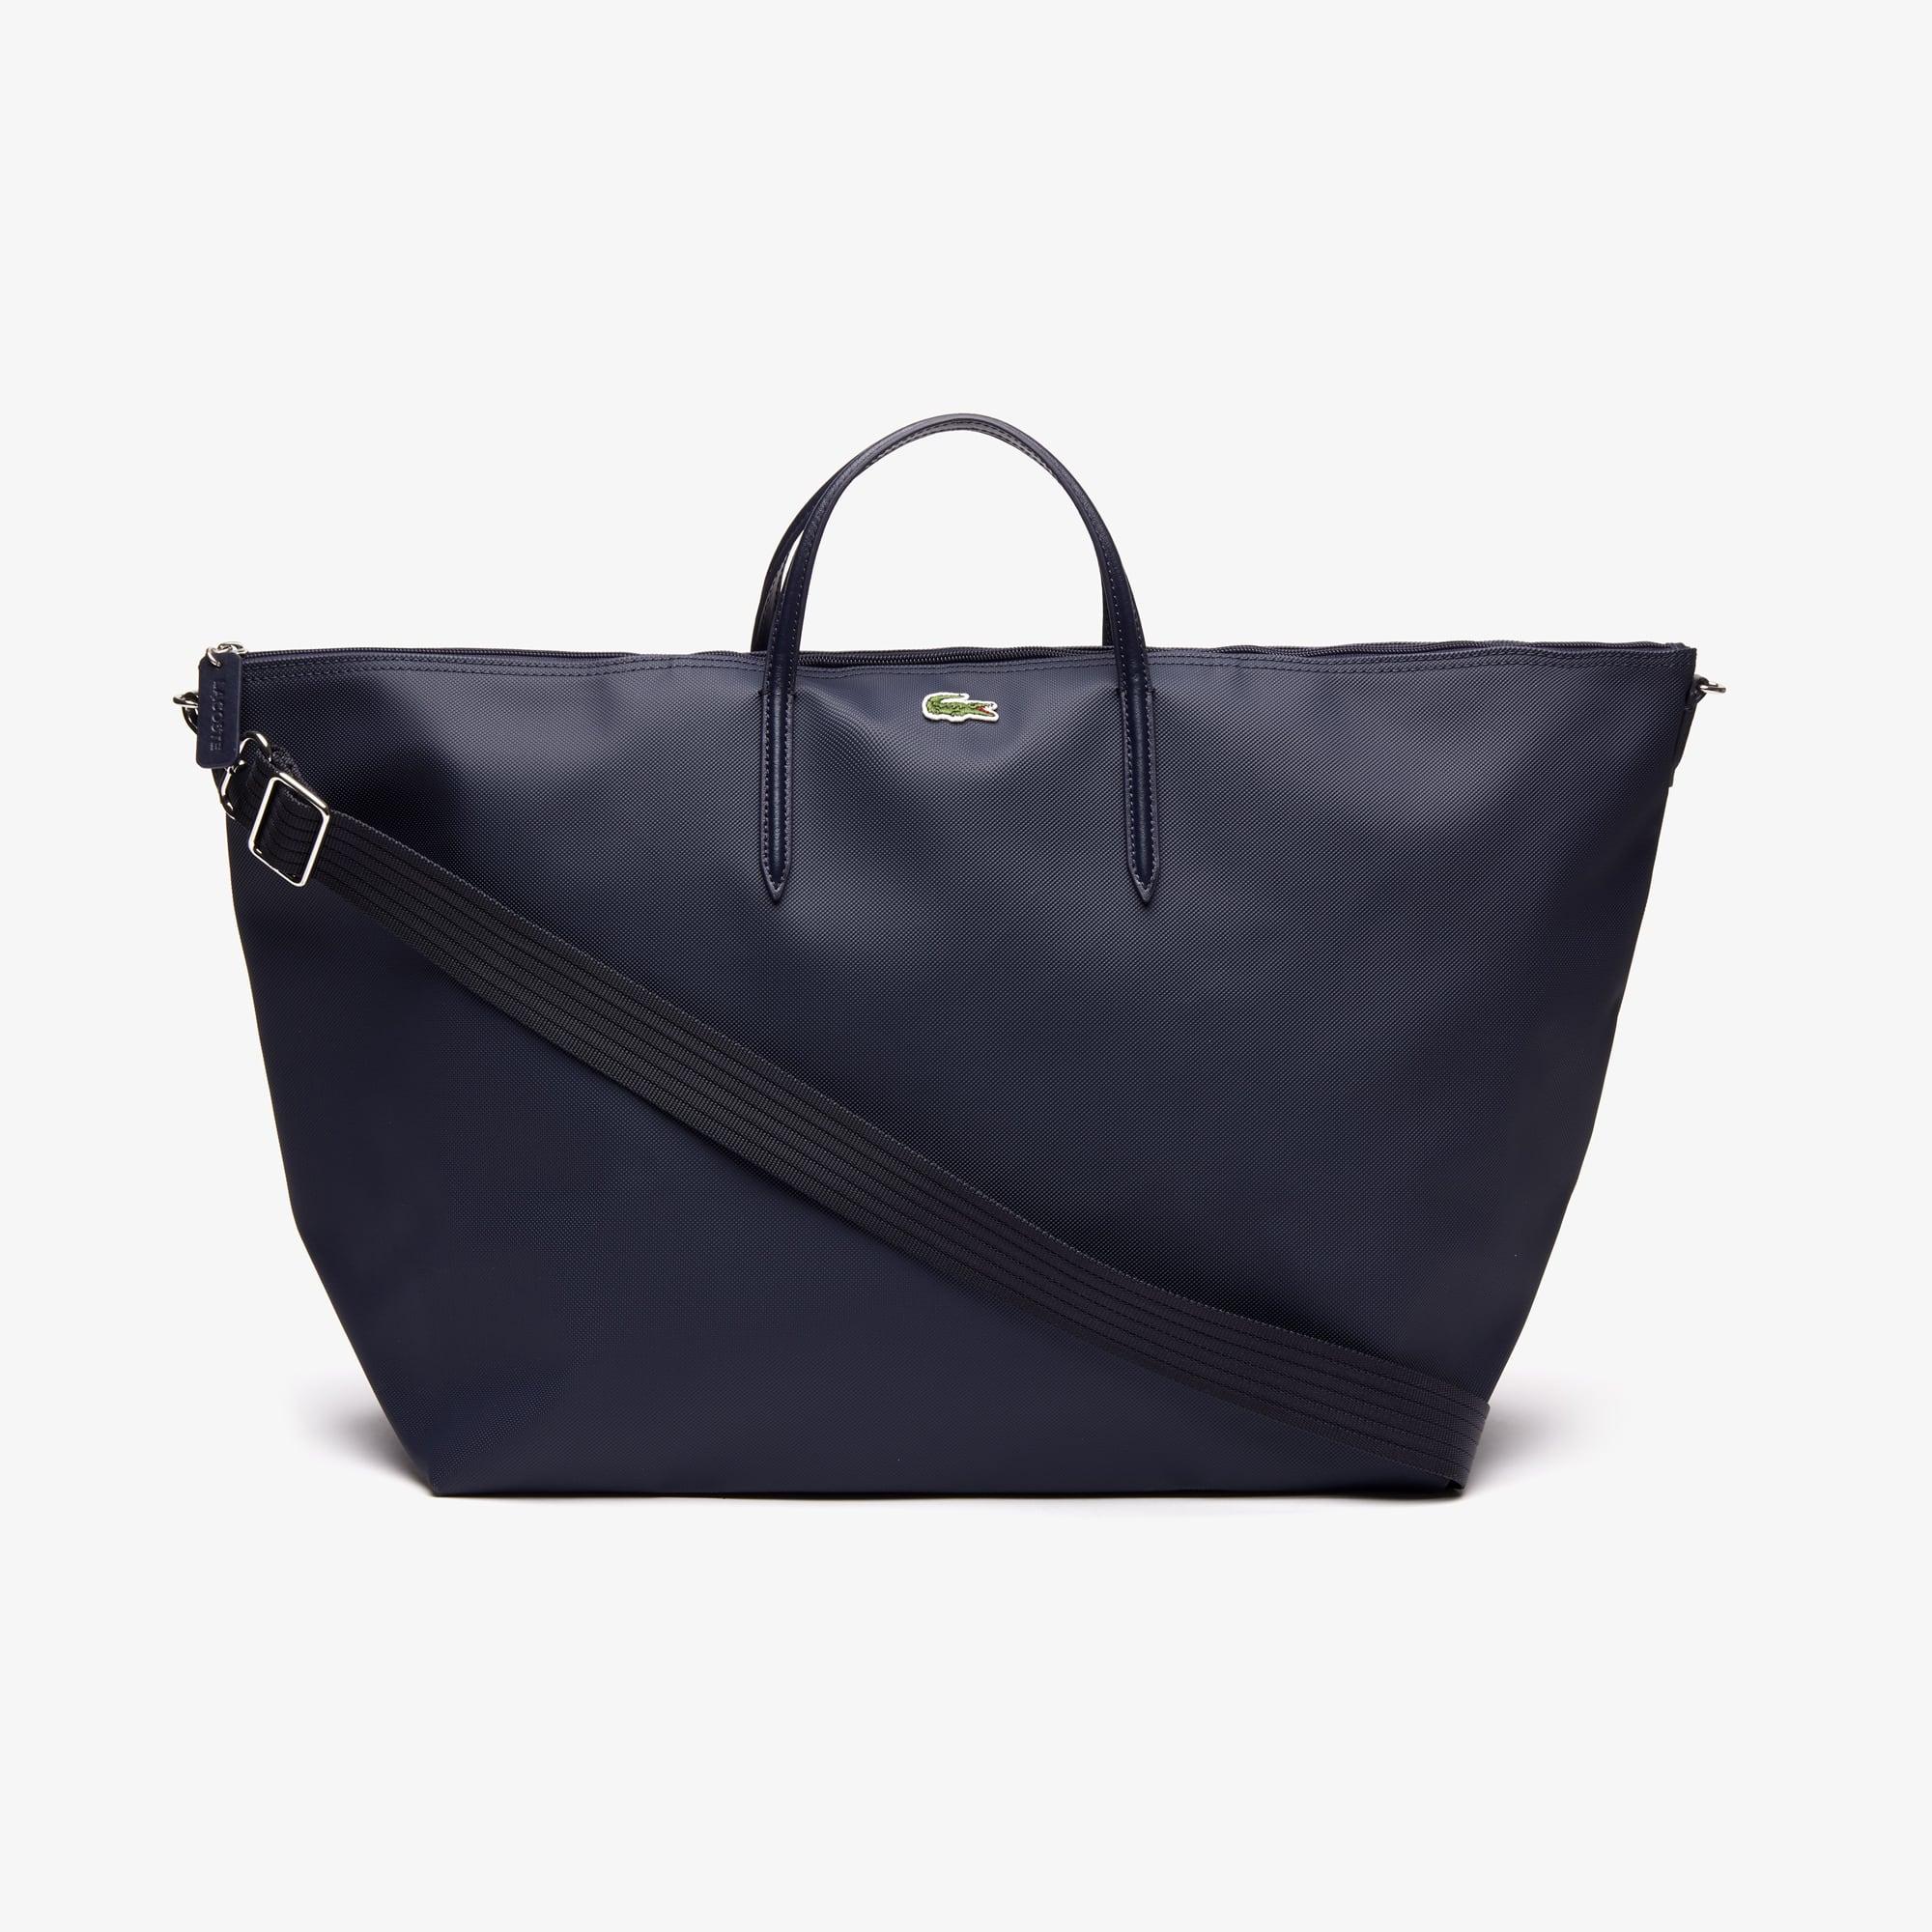 88cf3a8738 Sacs à main cuir, sacs cabas | Maroquinerie femme | LACOSTE